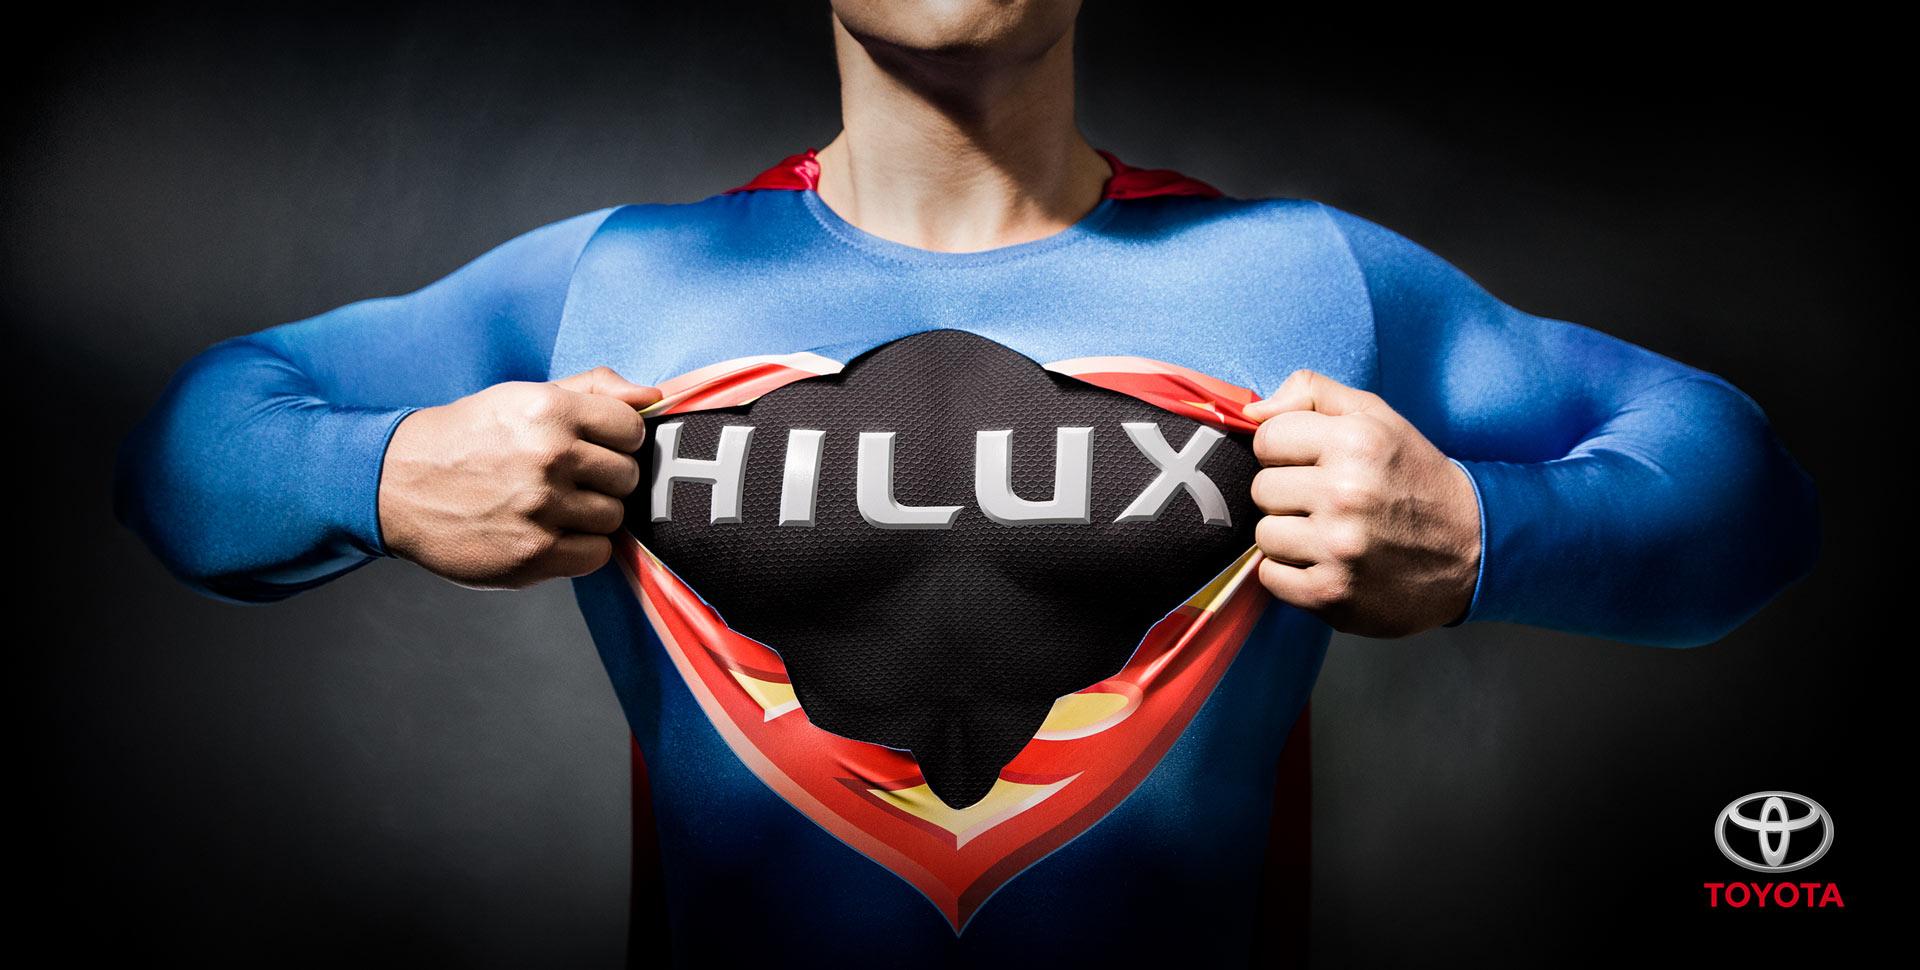 Hilux-Superman_1920x970